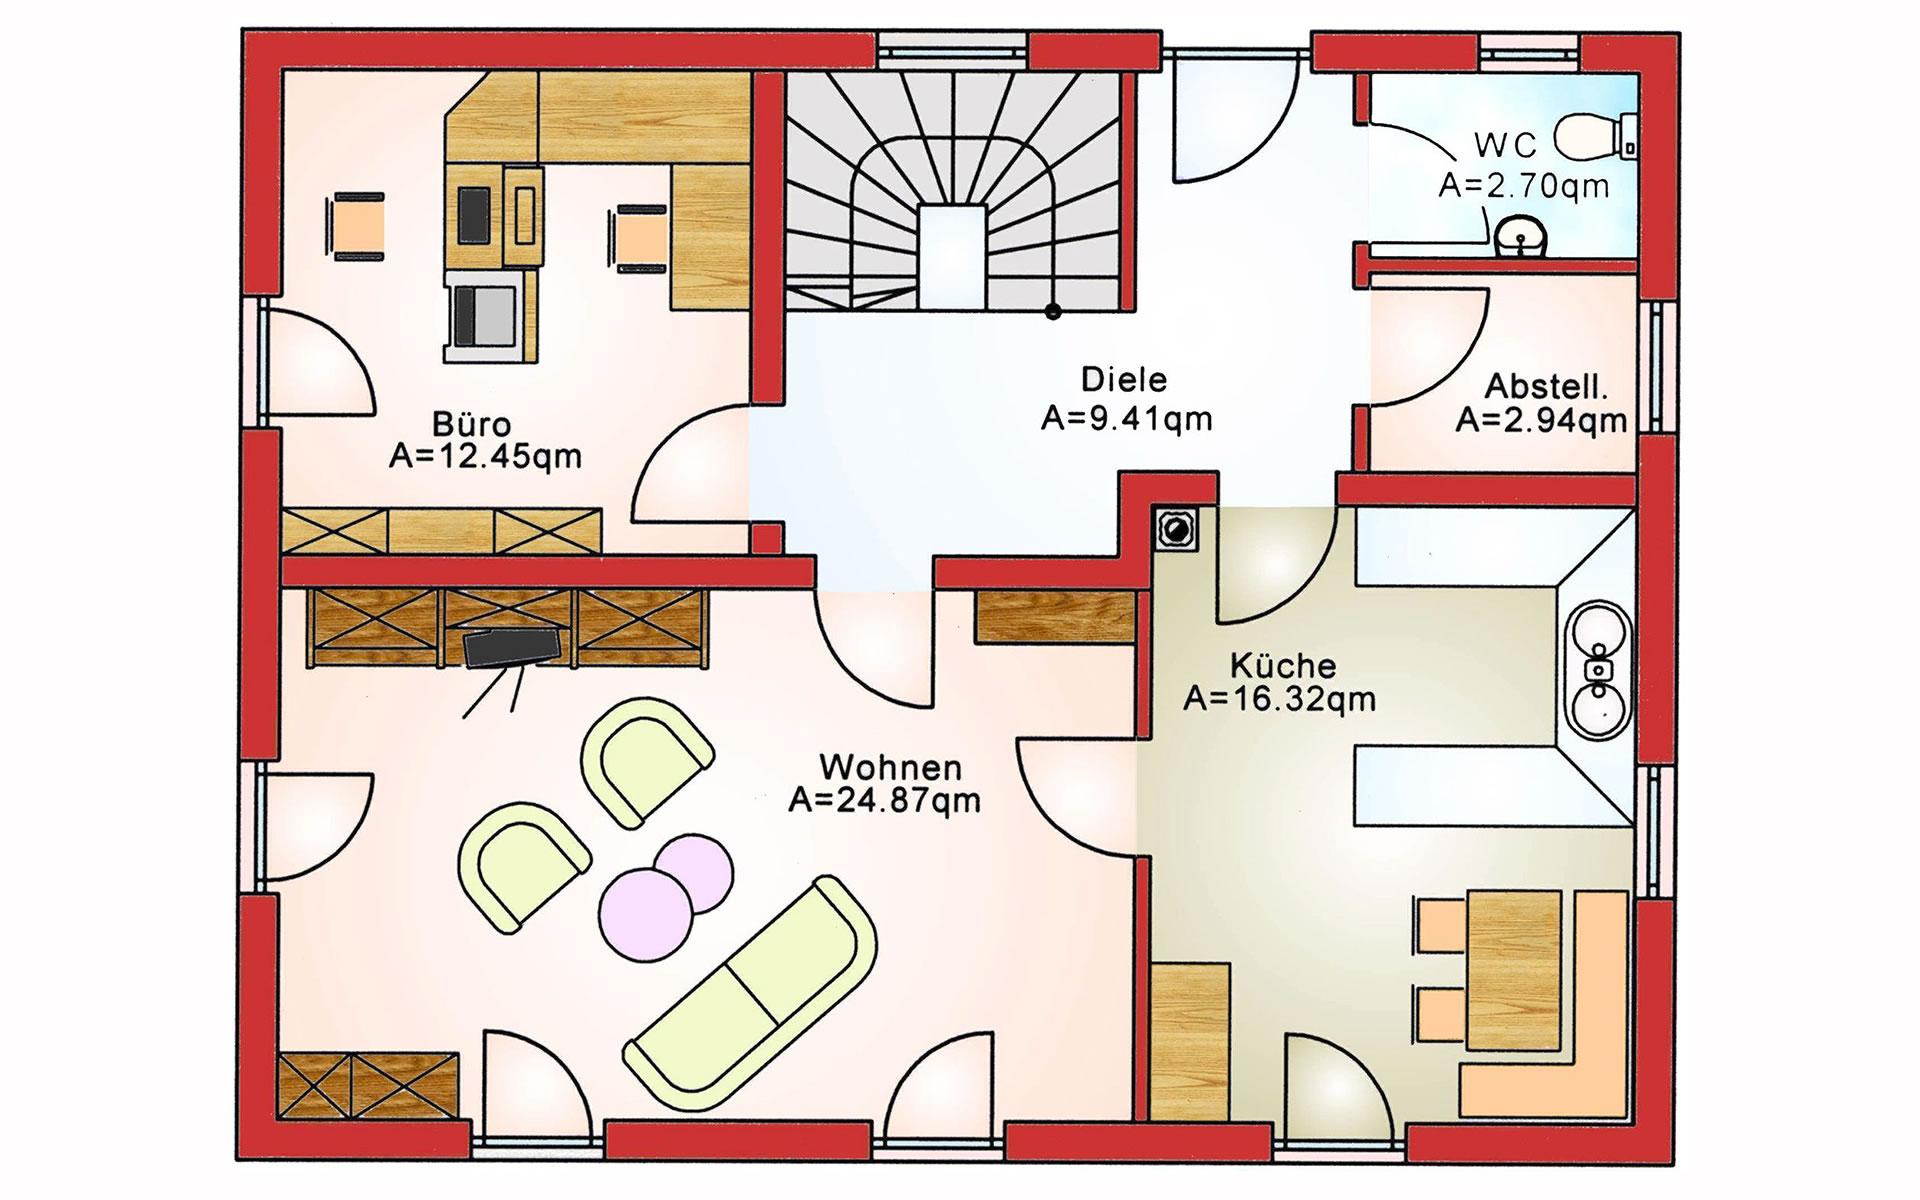 Erdgeschoss Komfort BS 125 von B&S Selbstbausysteme GmbH & Co. KG